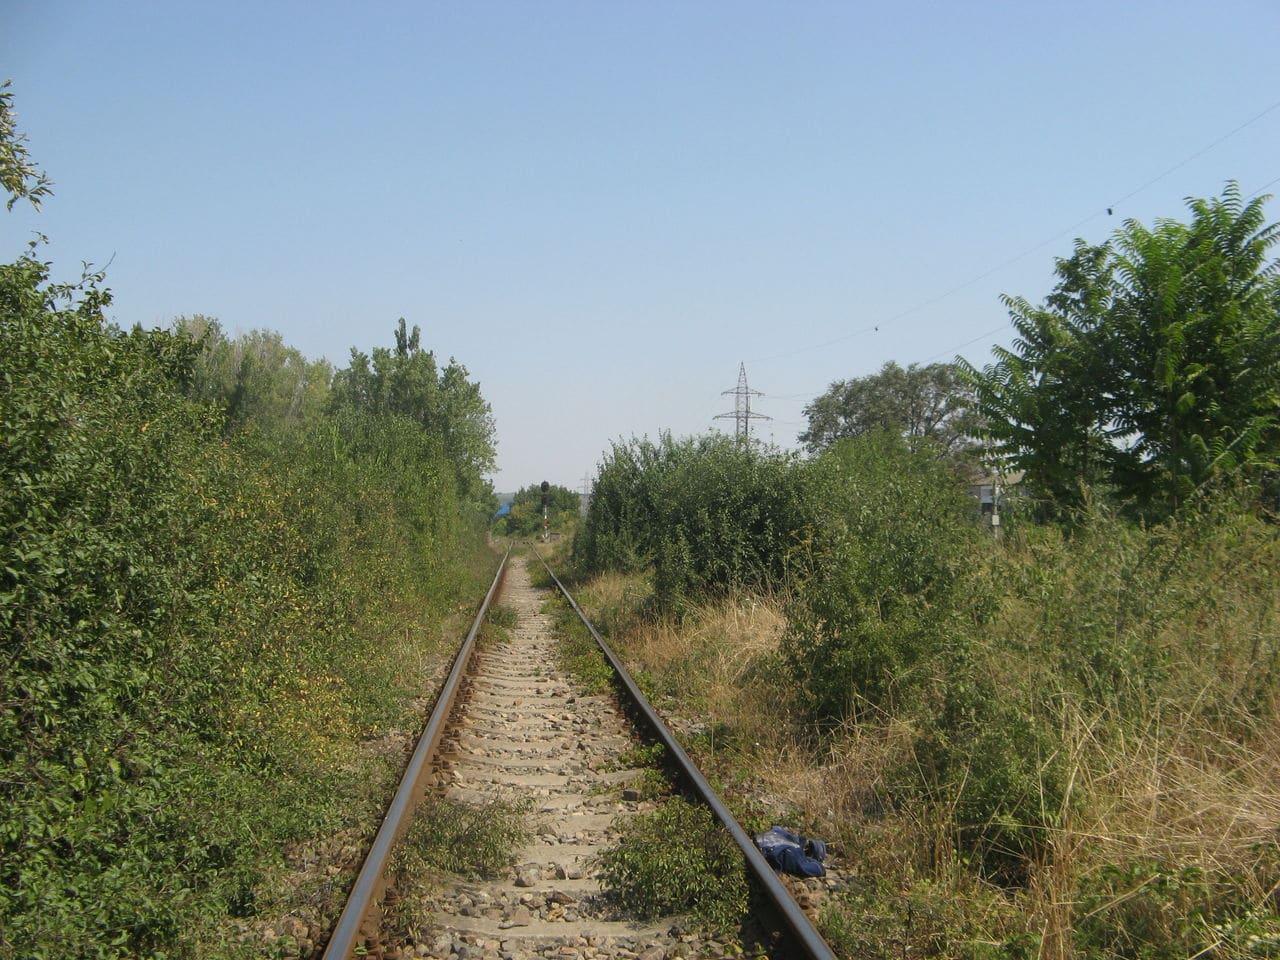 Calea ferată directă Oradea Vest - Episcopia Bihor IMG_0018